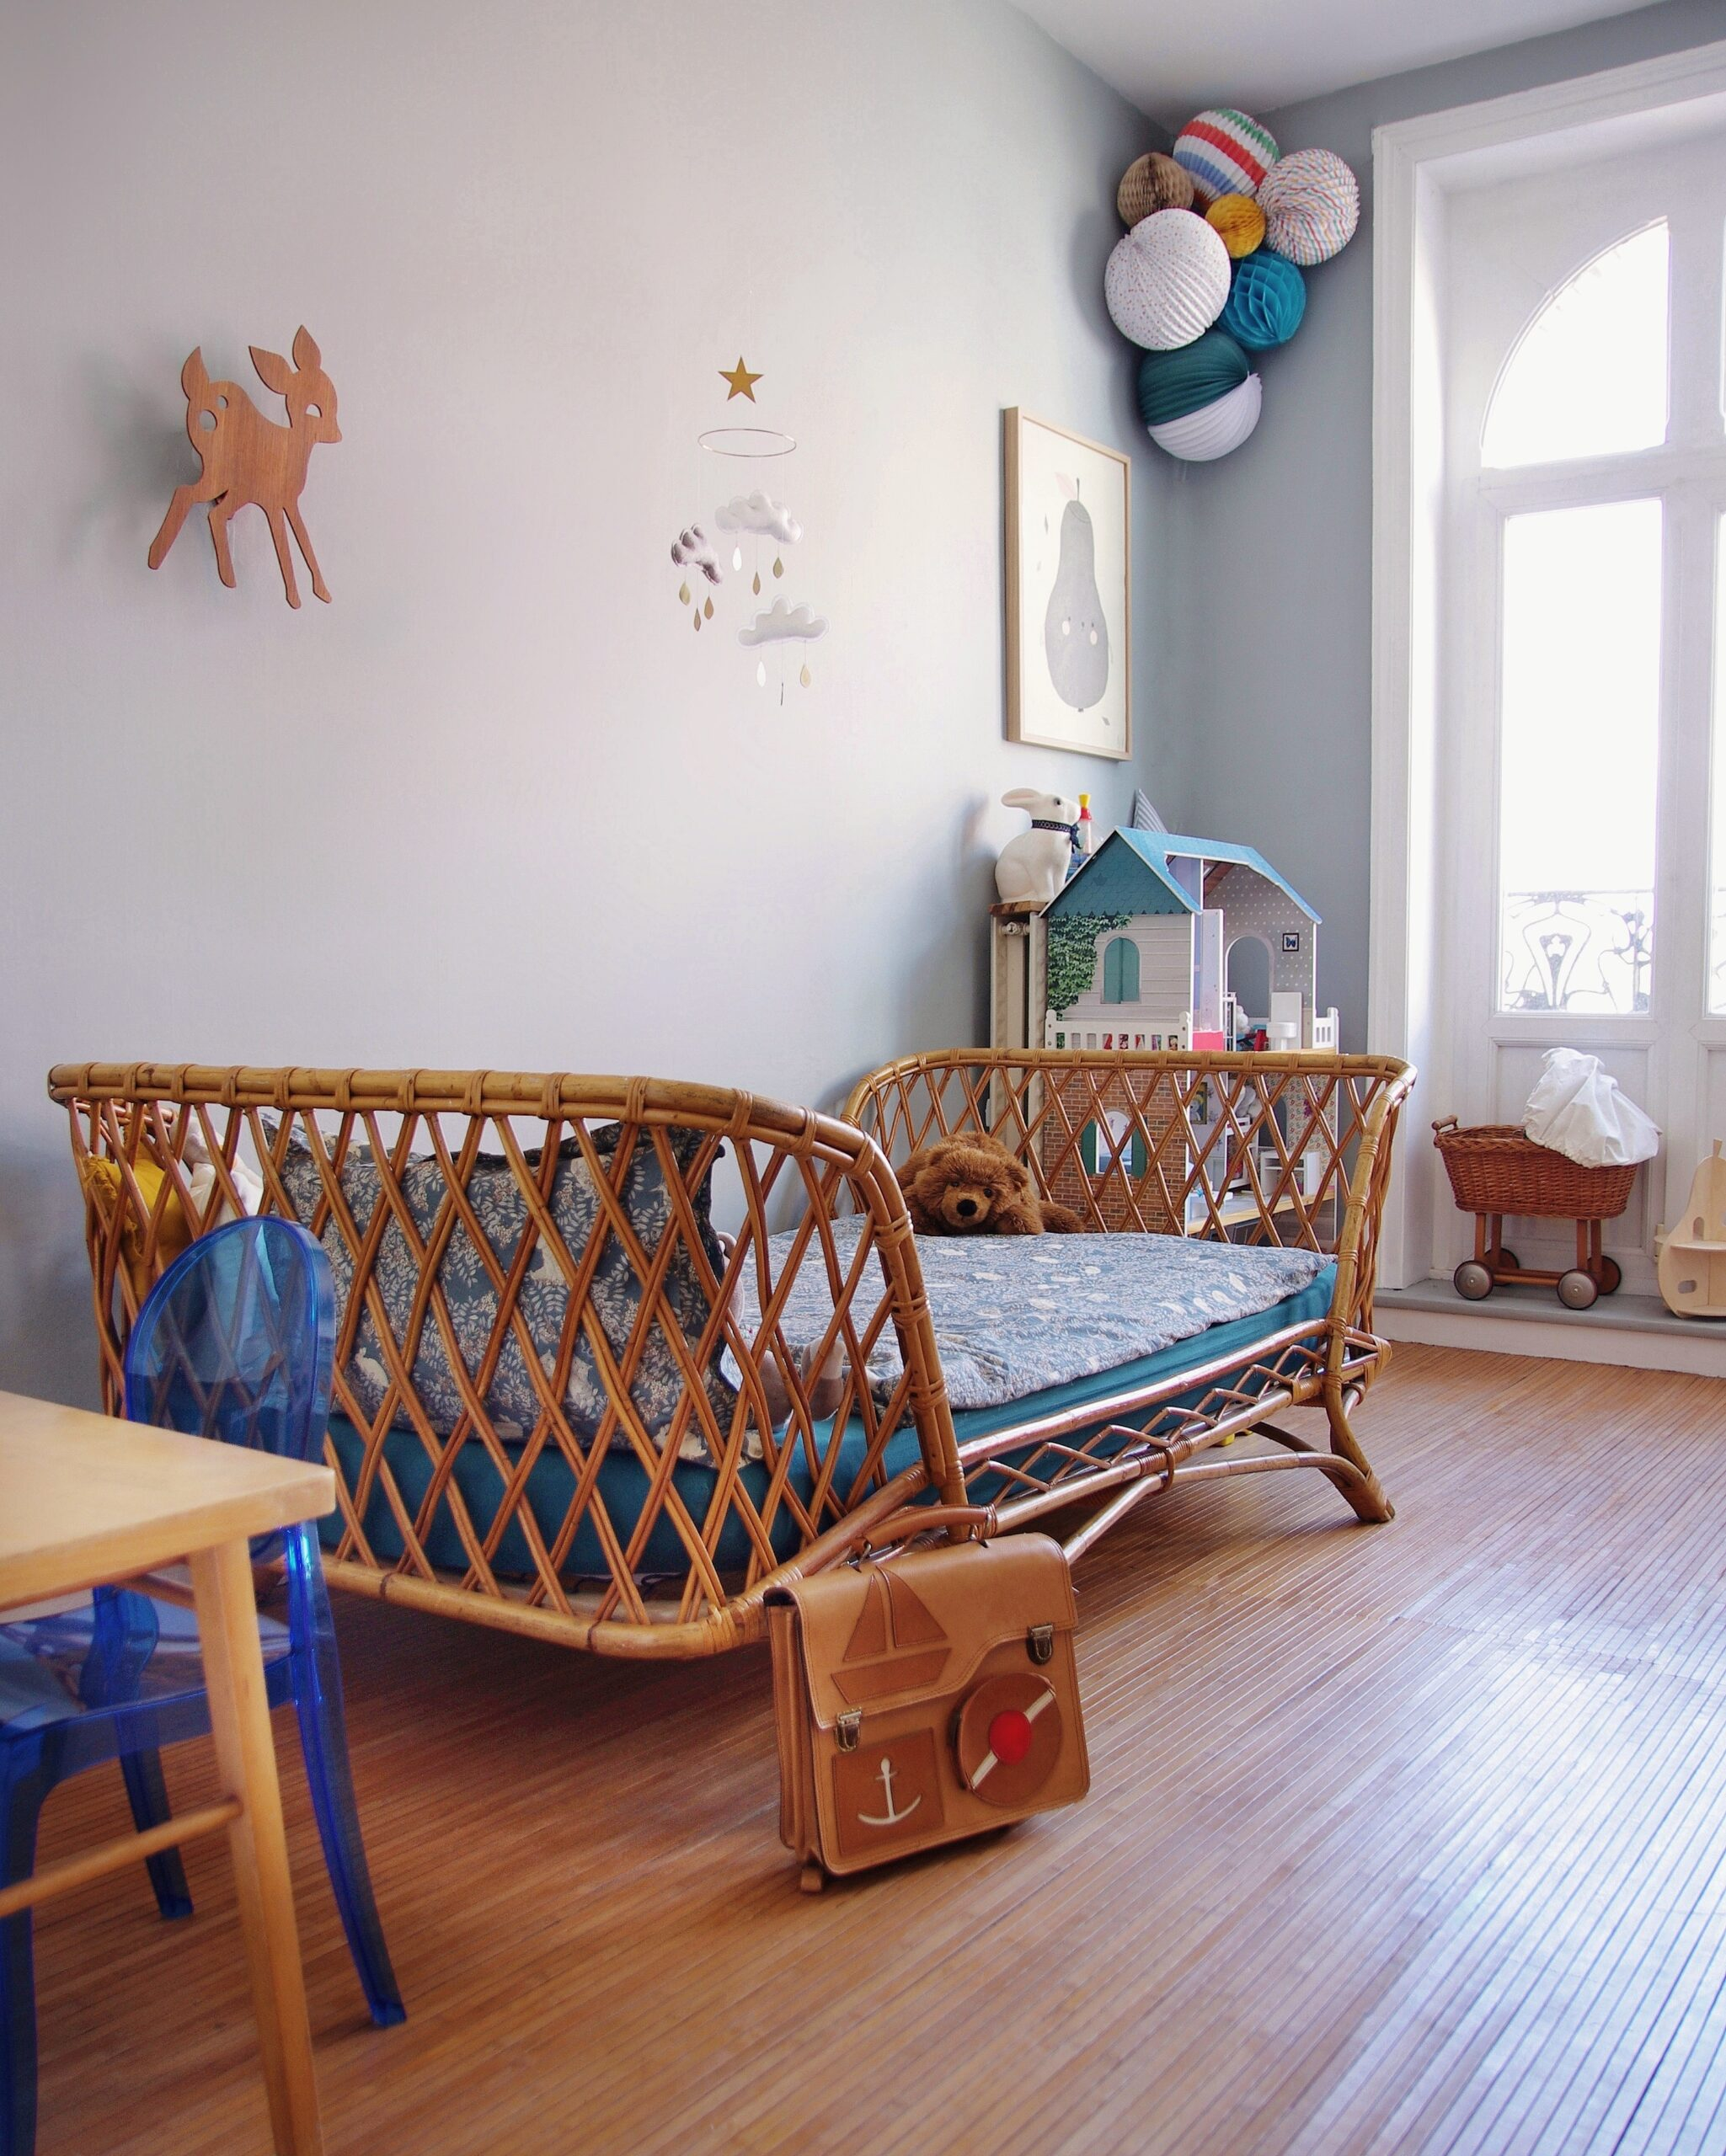 Full Size of Kinderzimmer Wanddeko Zeitgeme Deko Und Gestaltung Wohnklamotte Regal Weiß Regale Küche Sofa Kinderzimmer Kinderzimmer Wanddeko